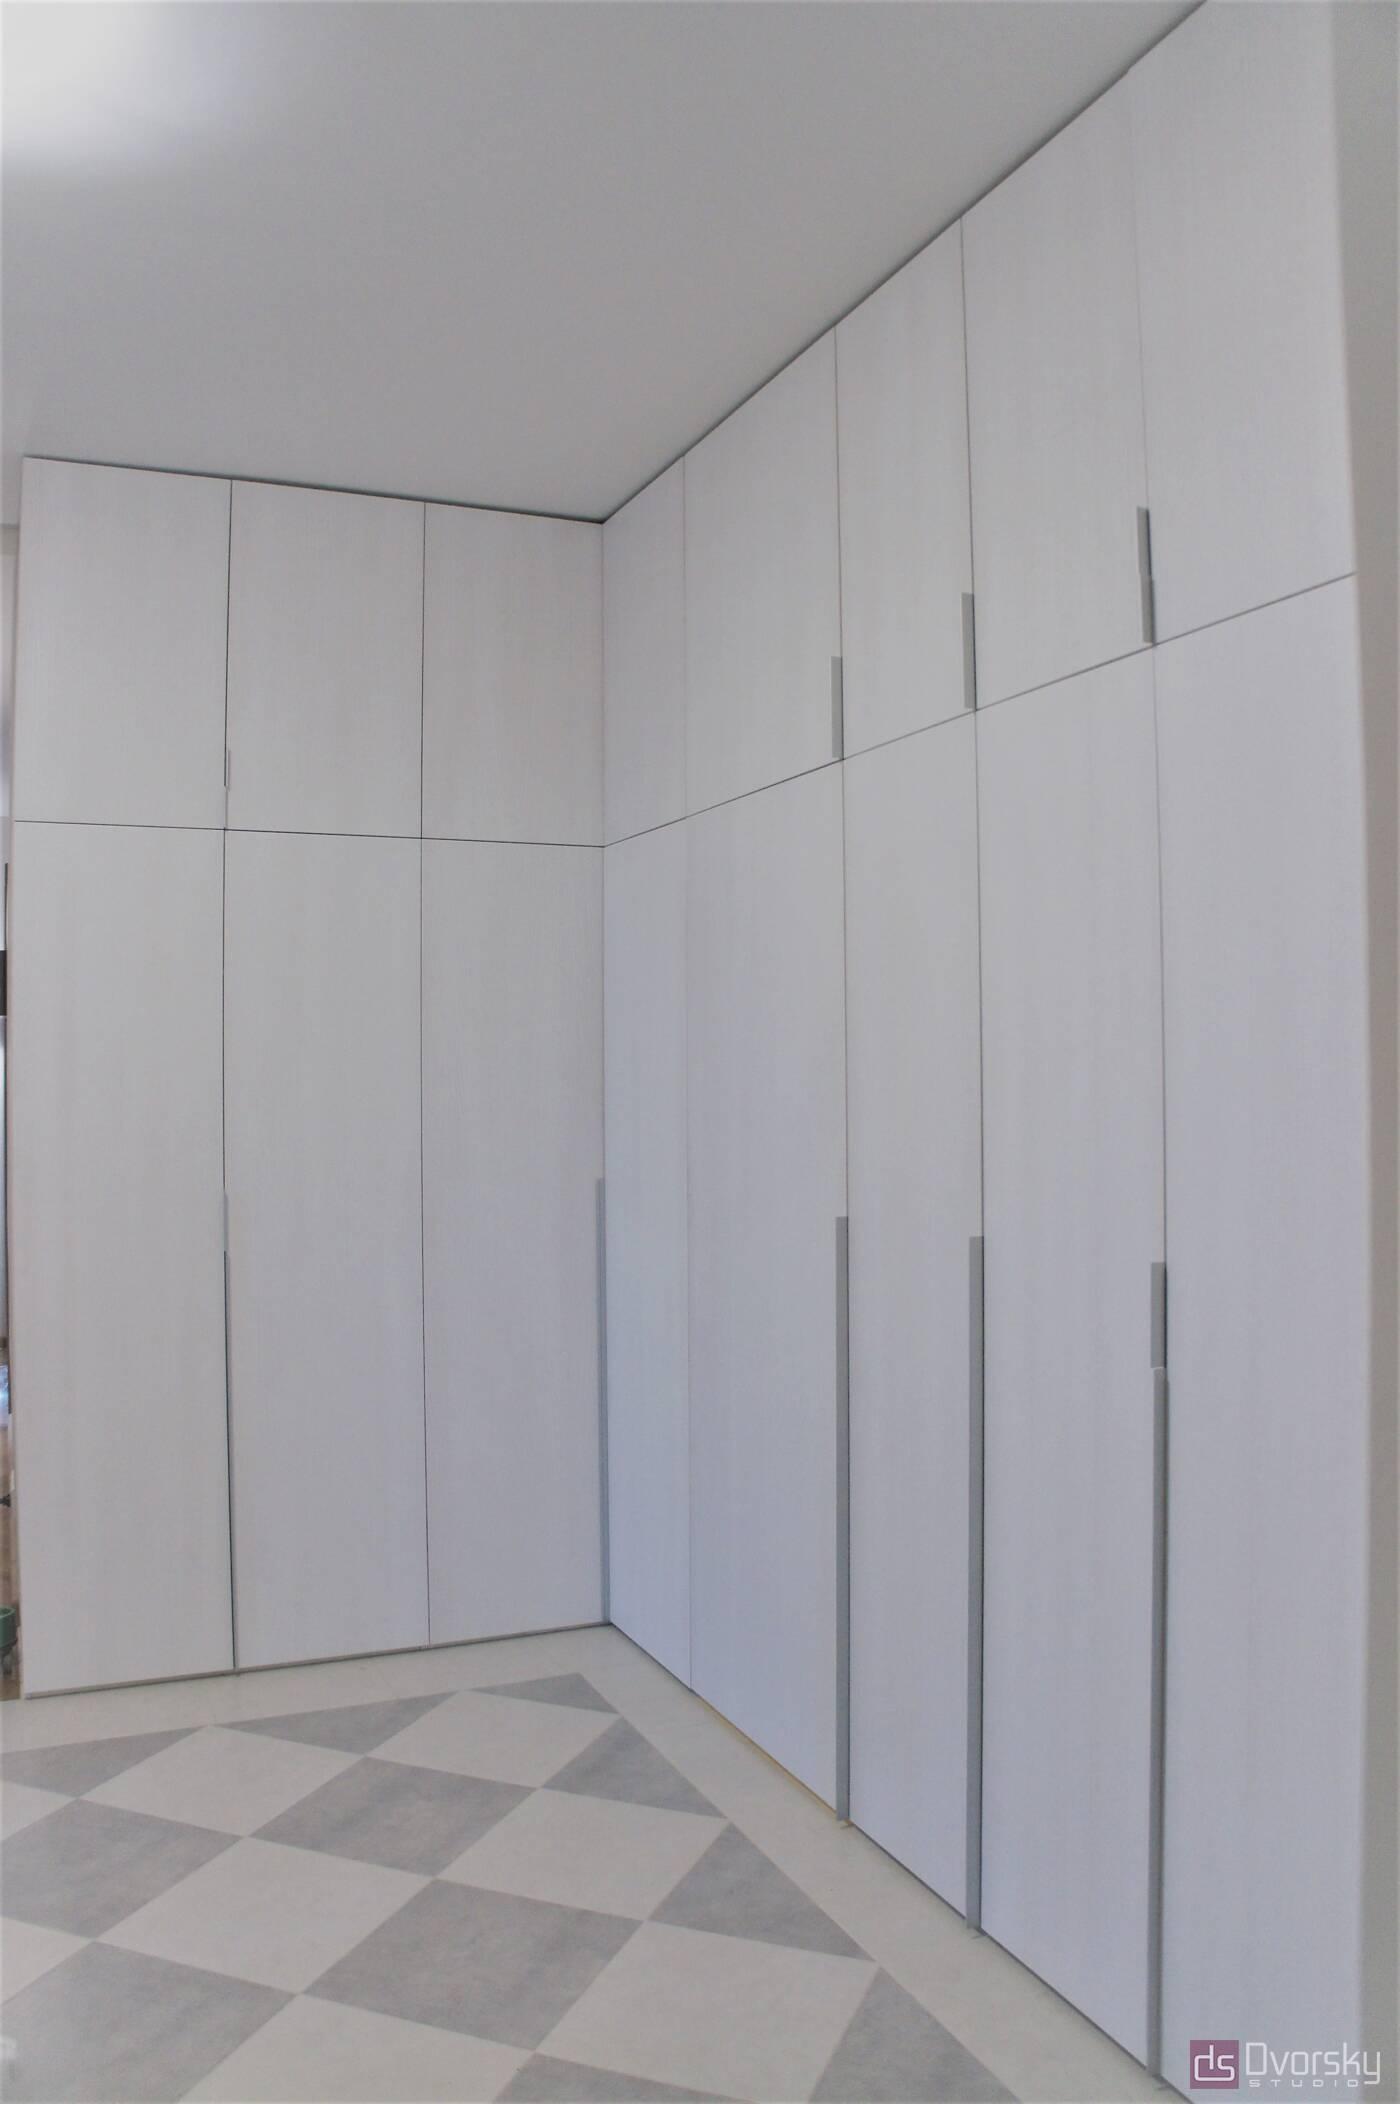 Меблеві стінки Меблева стінка - шафа - Фото № 3